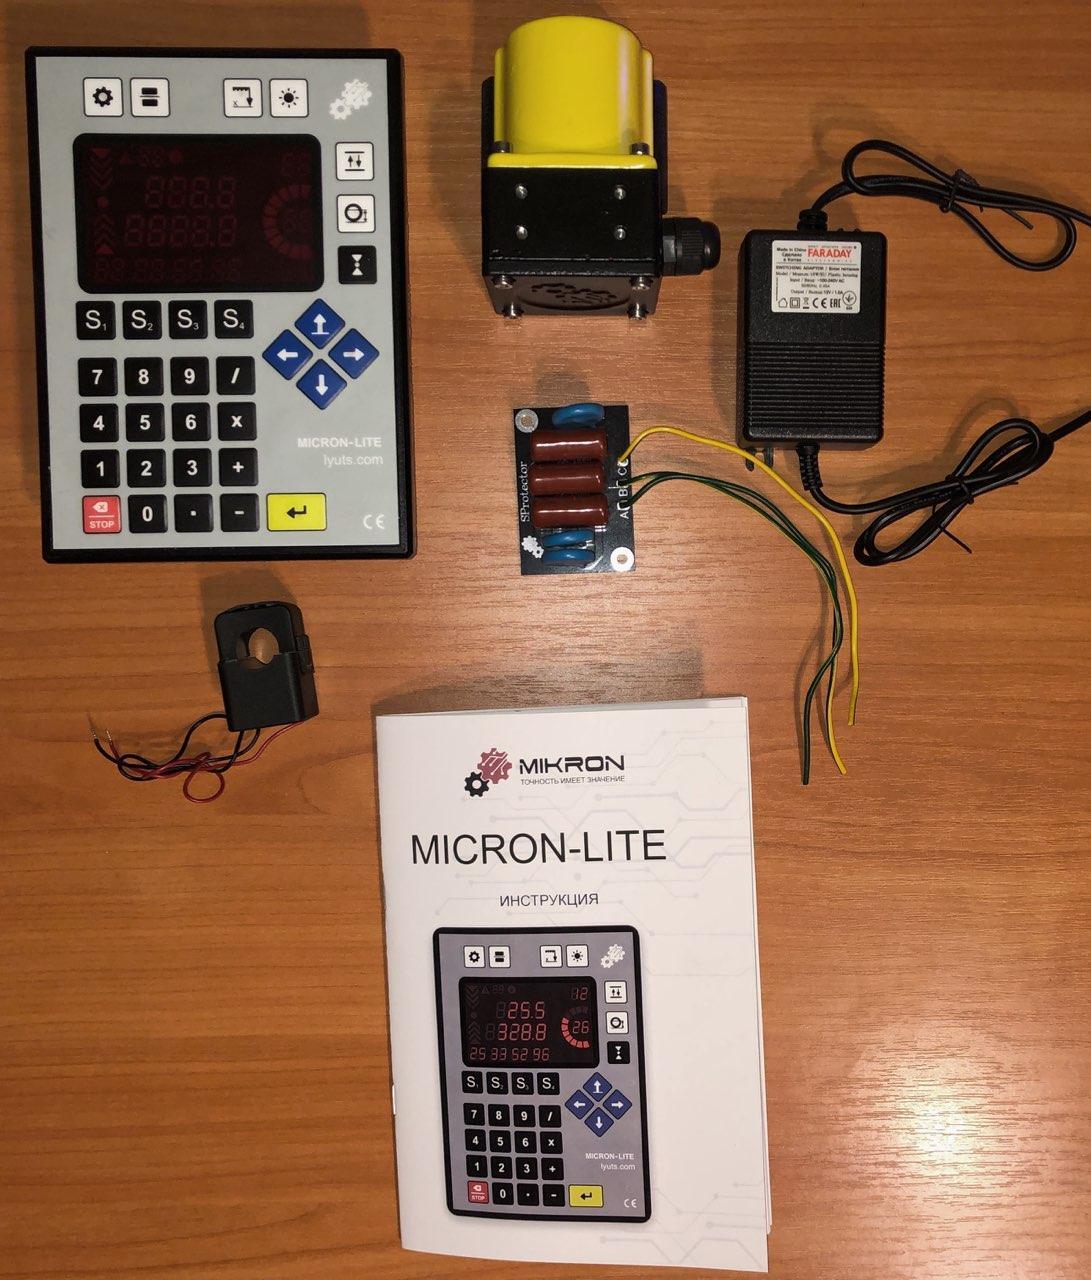 Електронна лінійка Micron-LITE + PRT-300 датчик